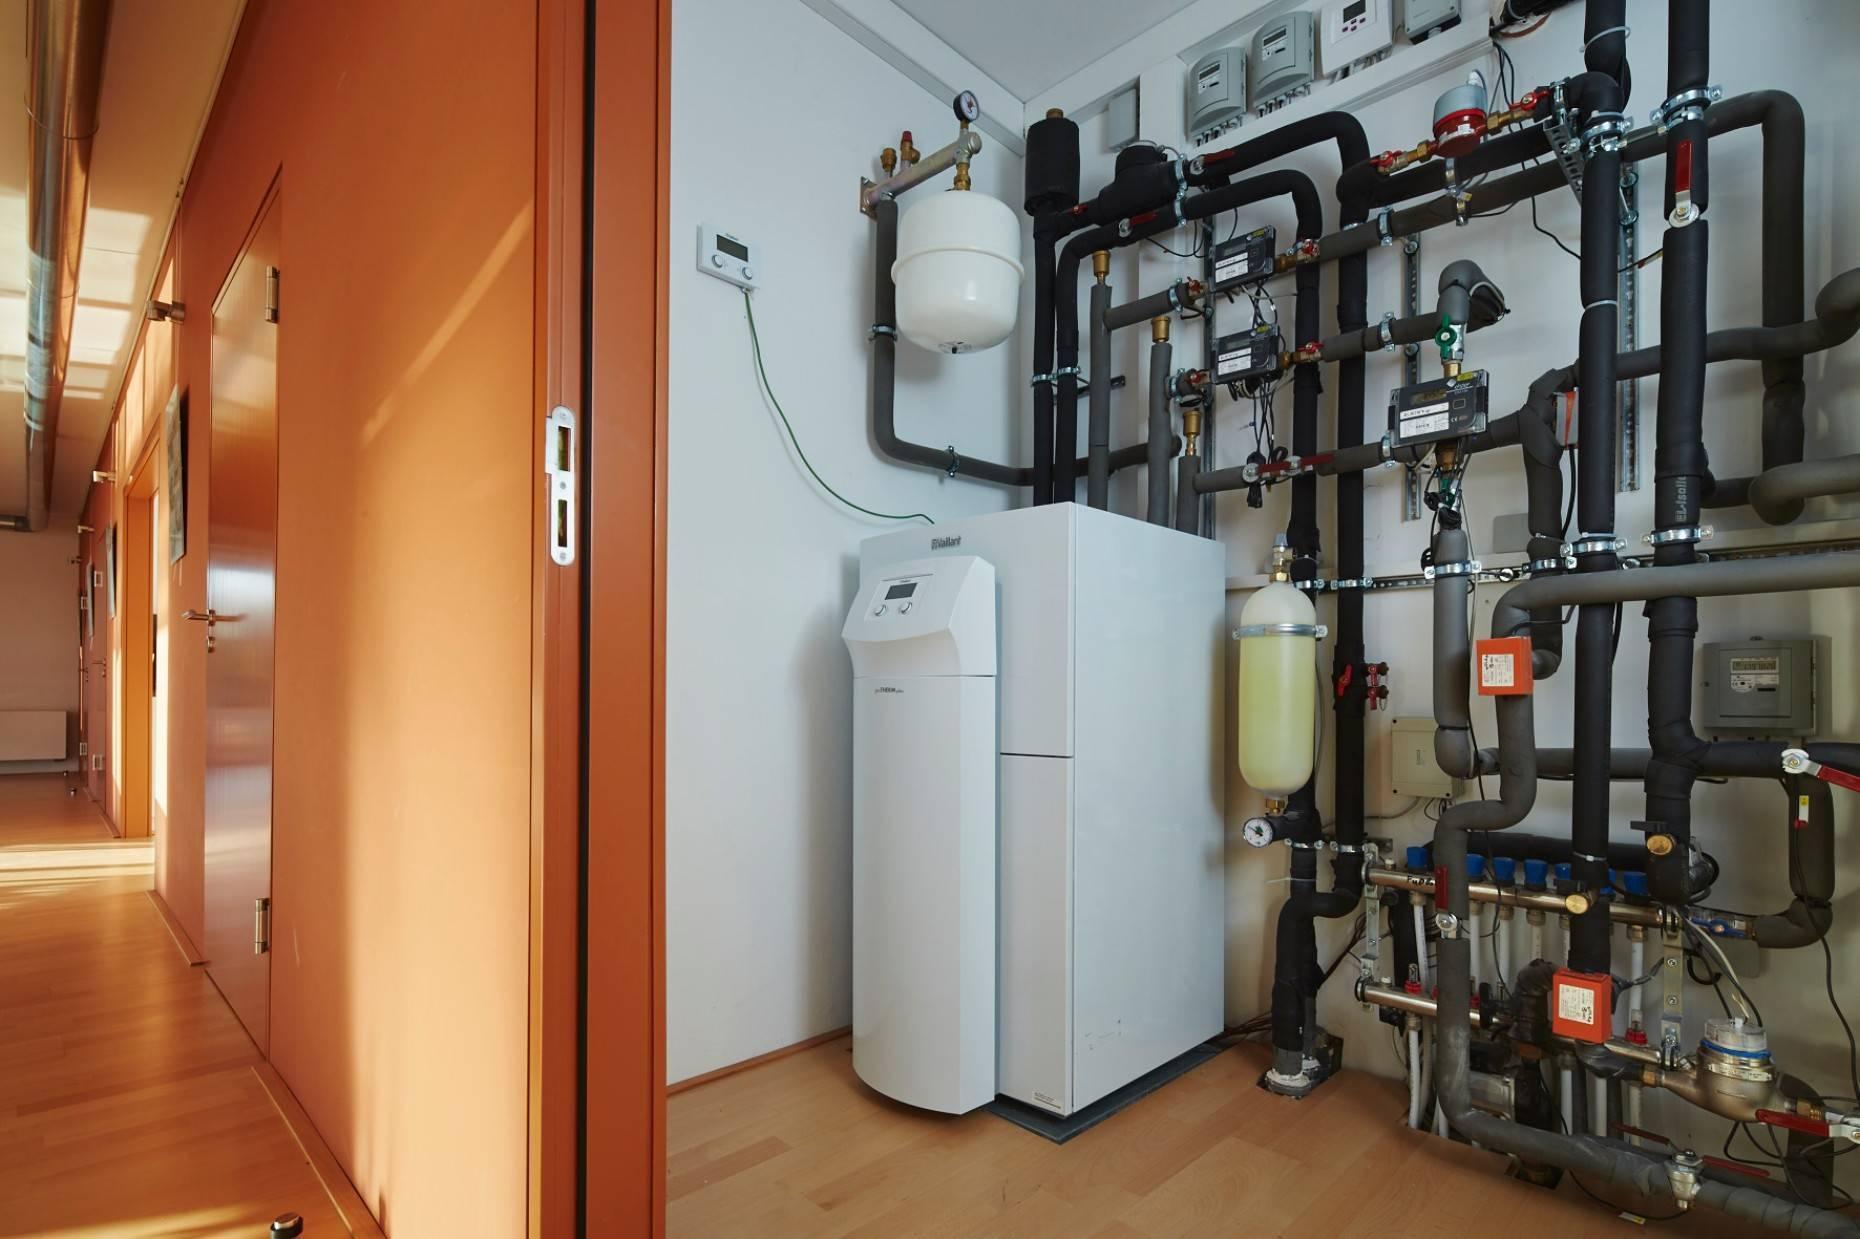 Как сэкономить газ при отоплении частного дома: наиболее действенные способы экономии газа